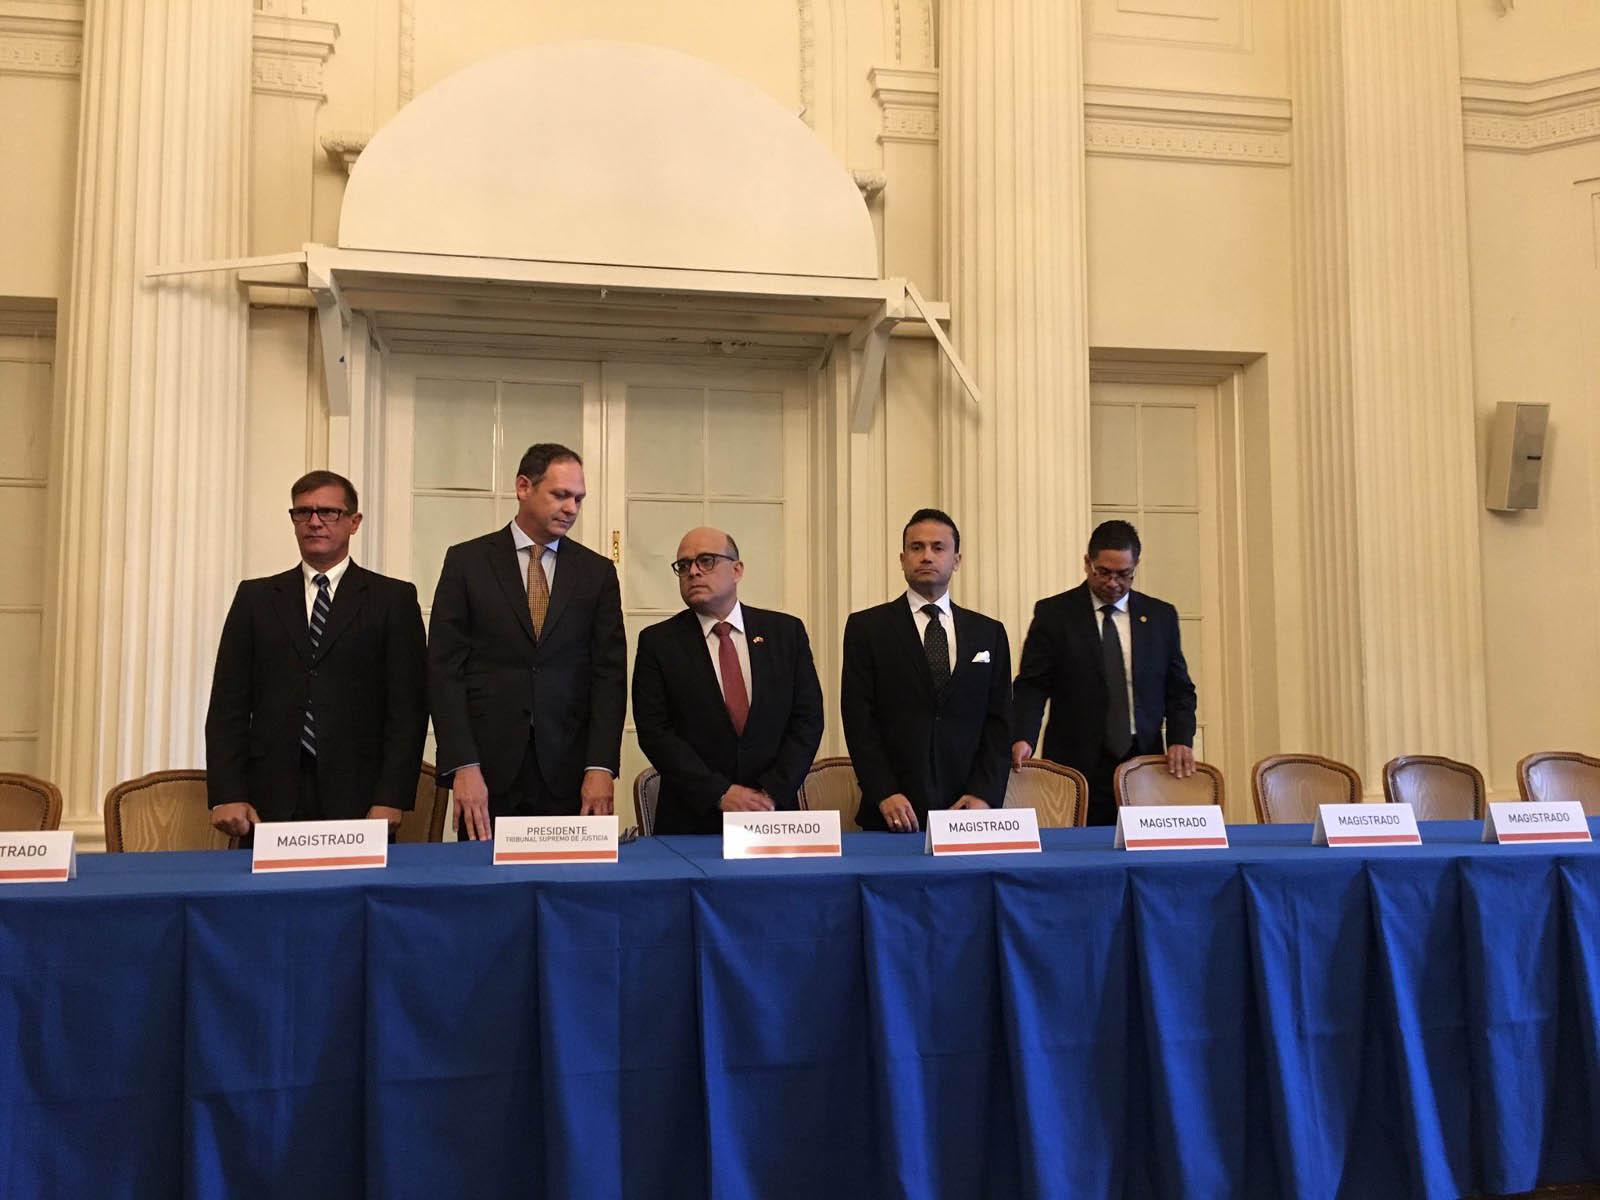 El ente judicial seguirá con el proceso contra el presidente de Venezuela por casos de corrupción